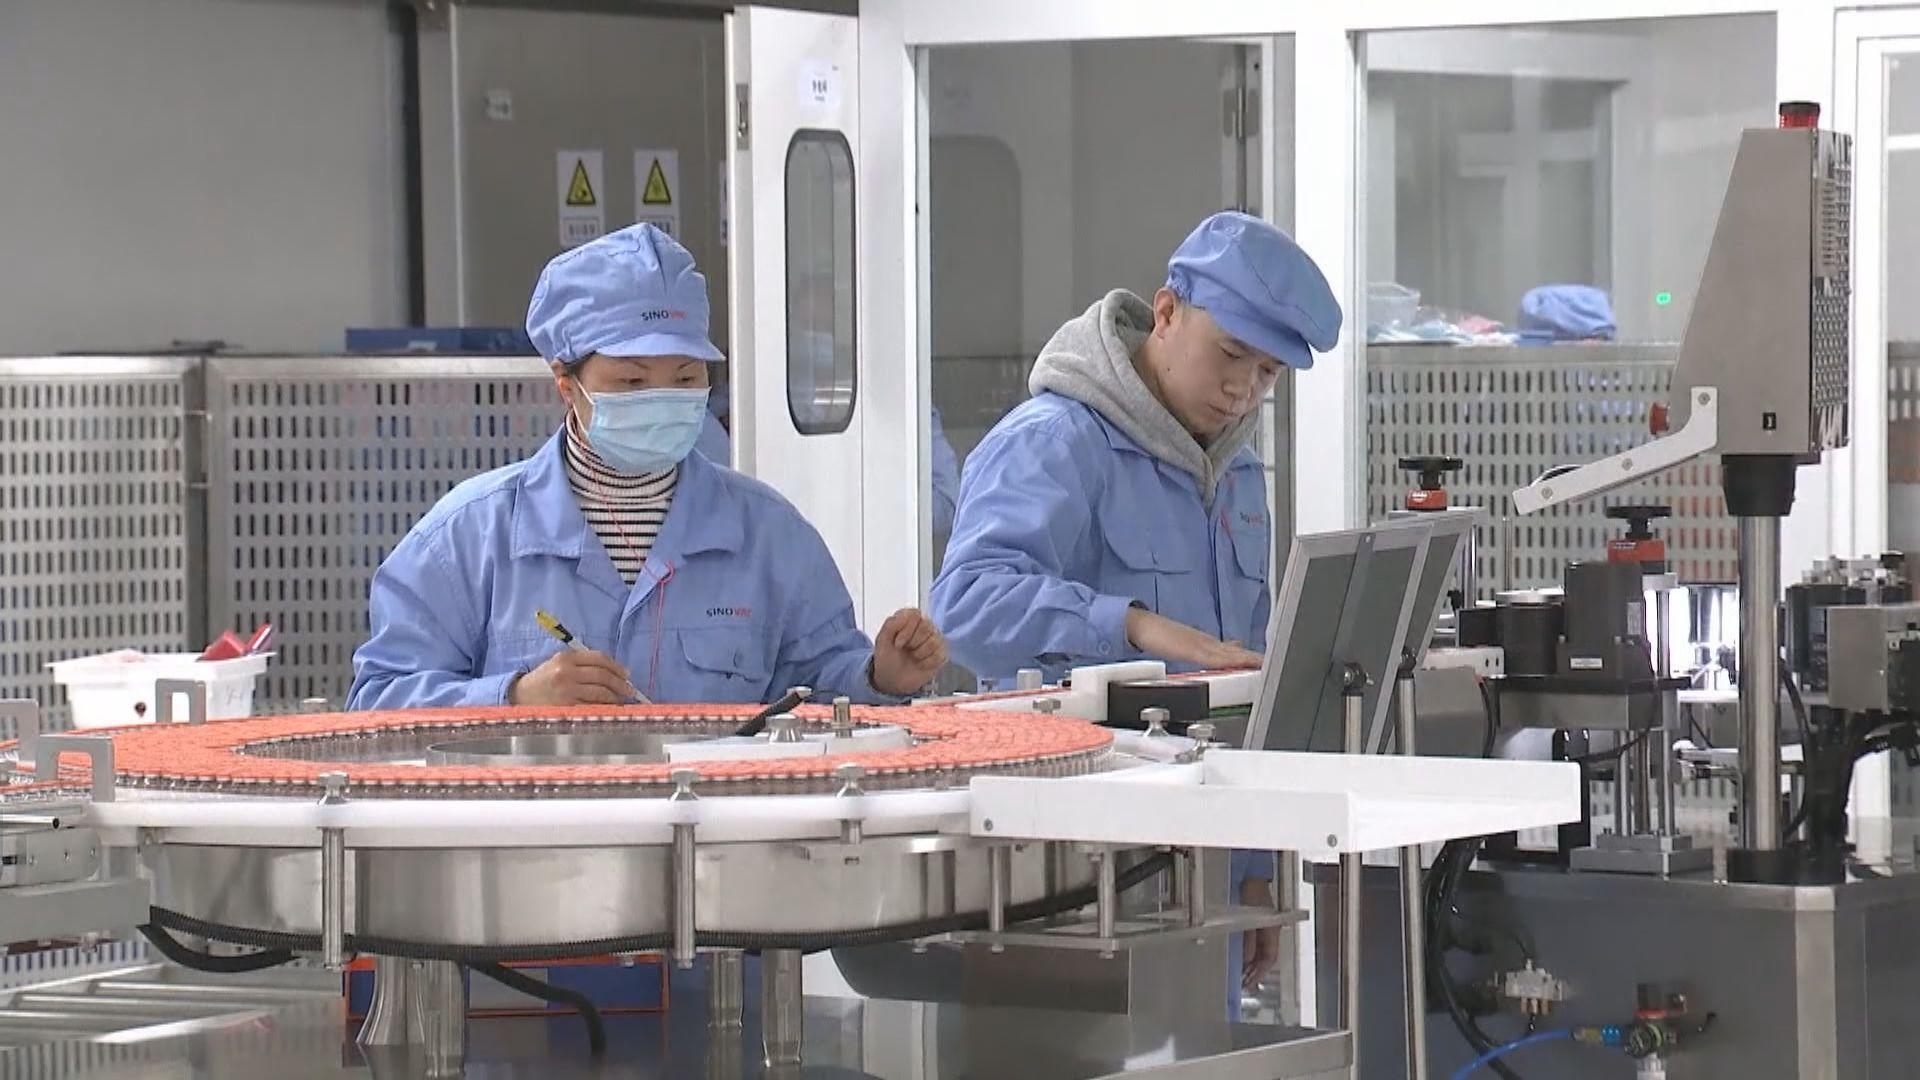 四川華西醫院研發新冠重組蛋白疫苗將進行三期臨床試驗